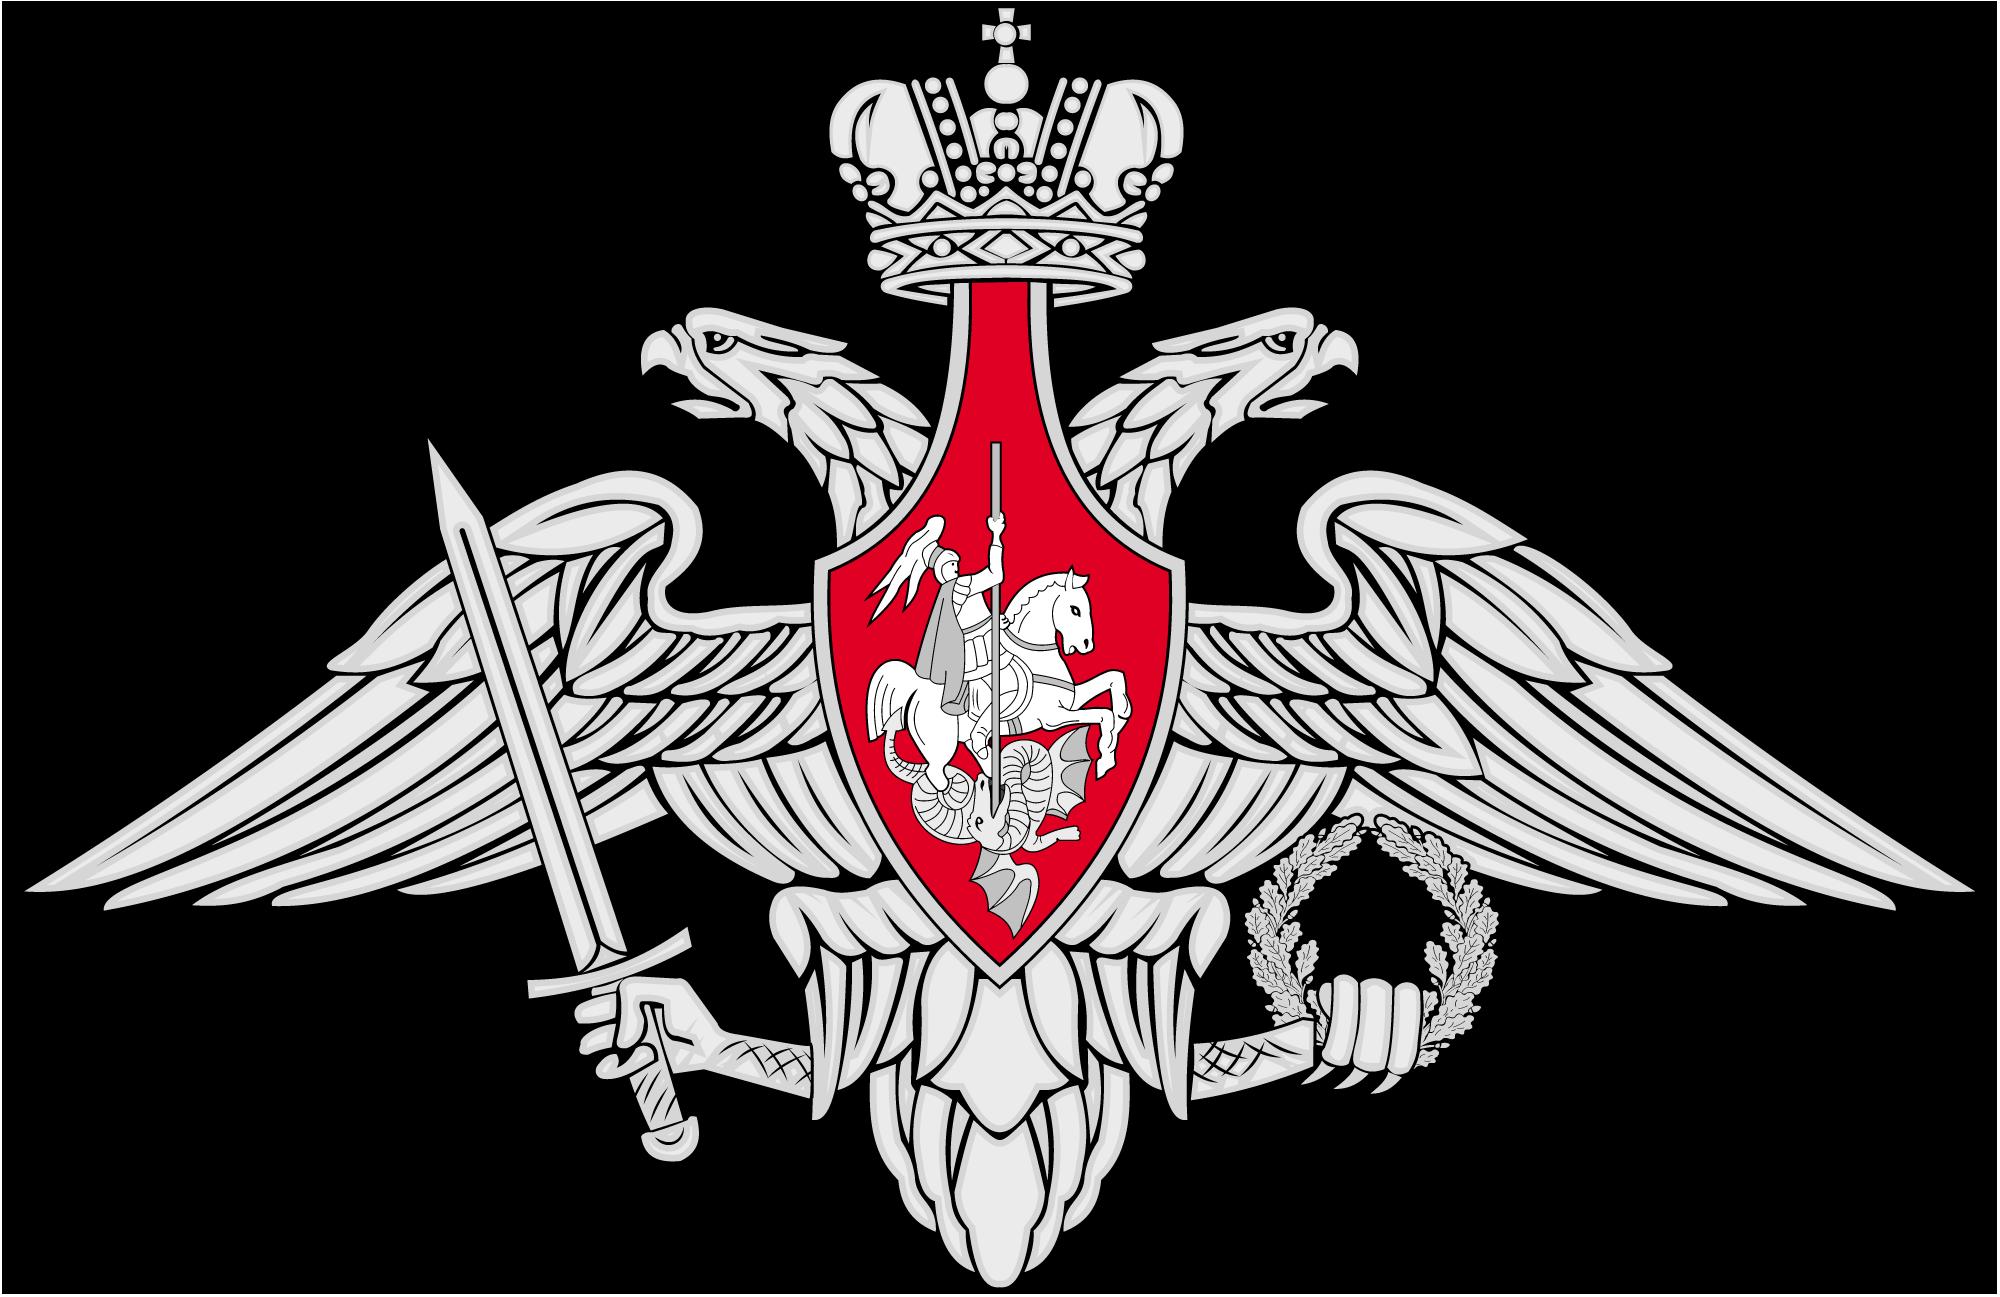 Картинки по запросу картинки министерства обороны россии